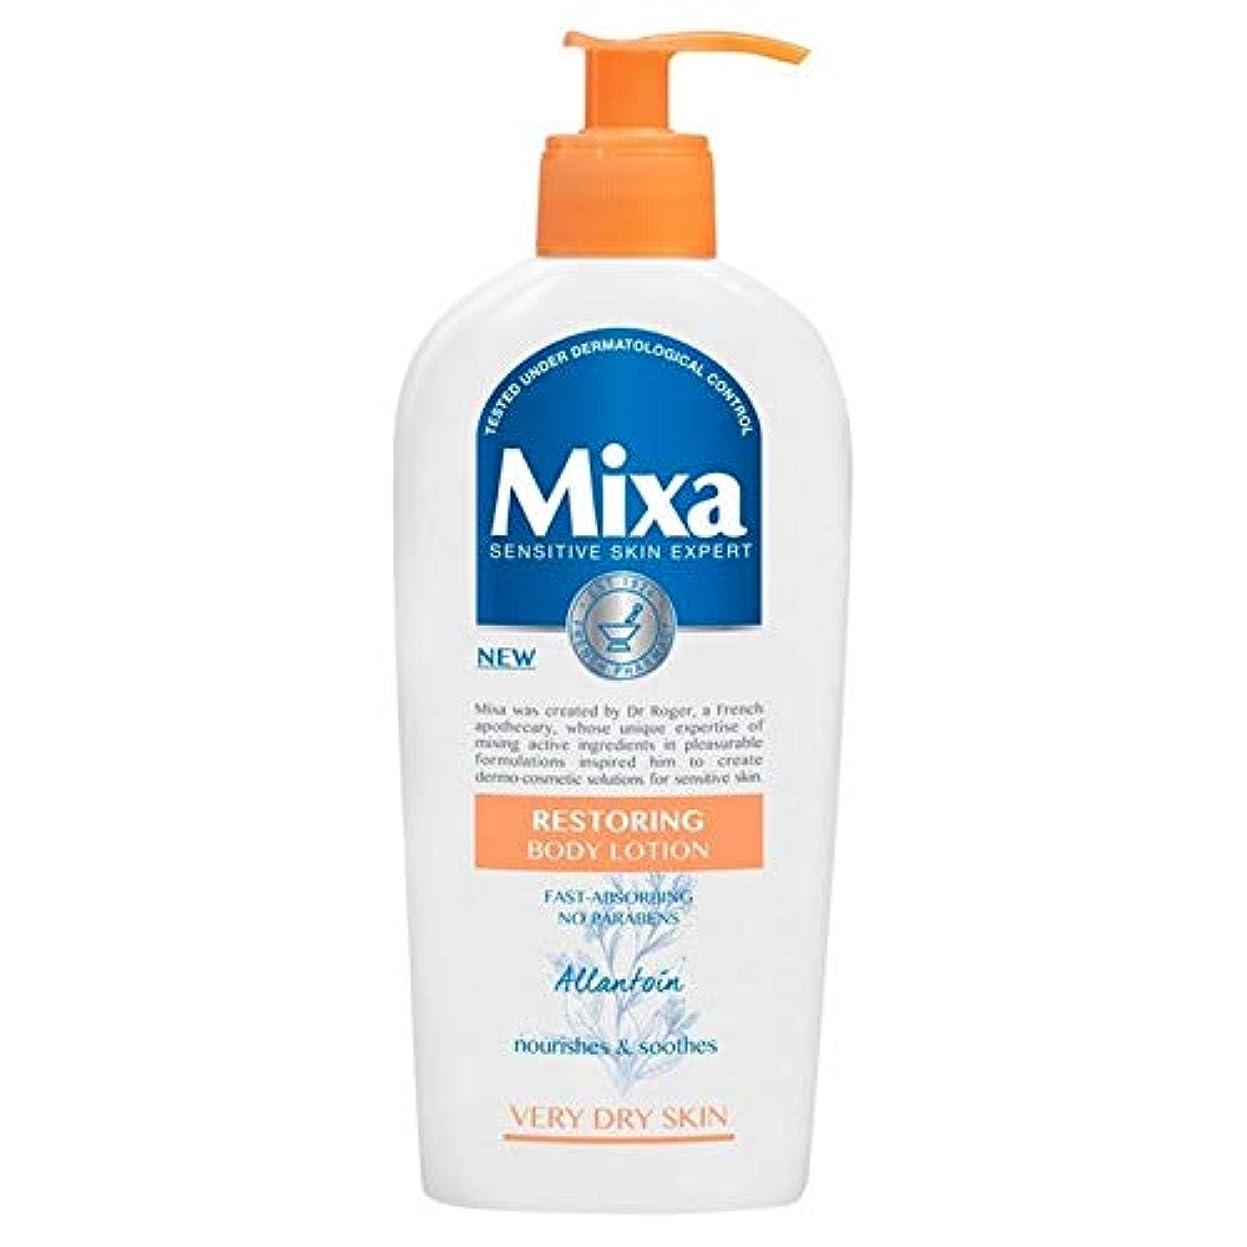 海藻宇宙の切る[Mixa] Mixa復元修理ボディローション250ミリリットル - Mixa Restoring Repair Body Lotion 250ml [並行輸入品]